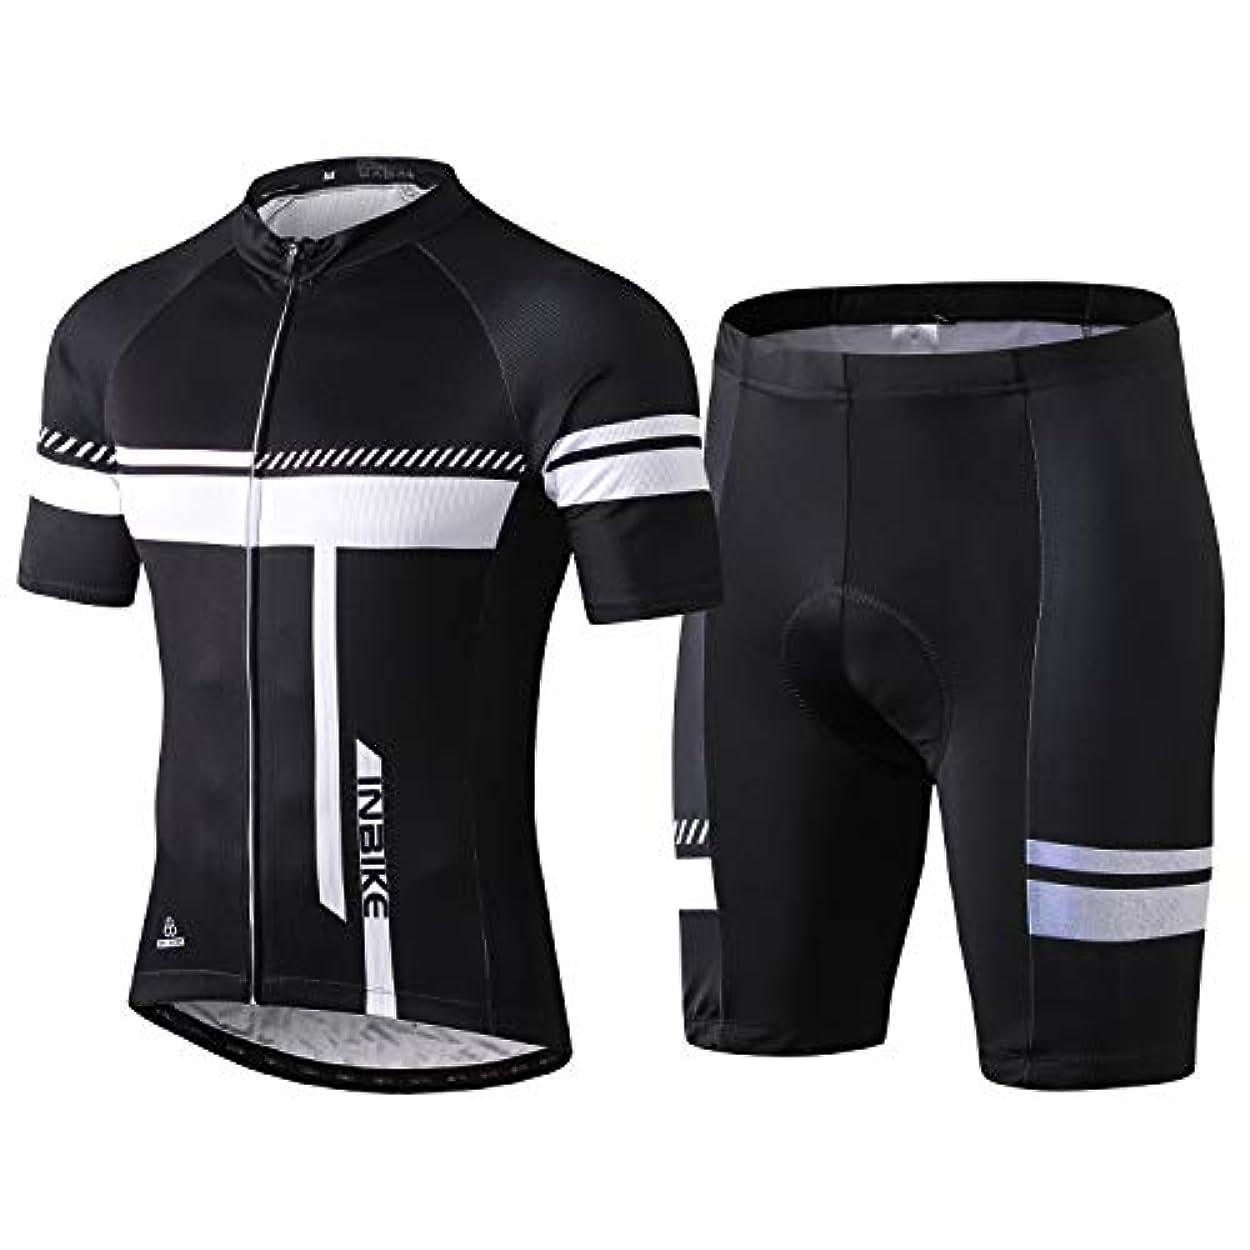 波紋器用レンチINBIKE メンズ サイクルジャージ サイクルウェア 上下セット スポーツウェア サイクリングウェア